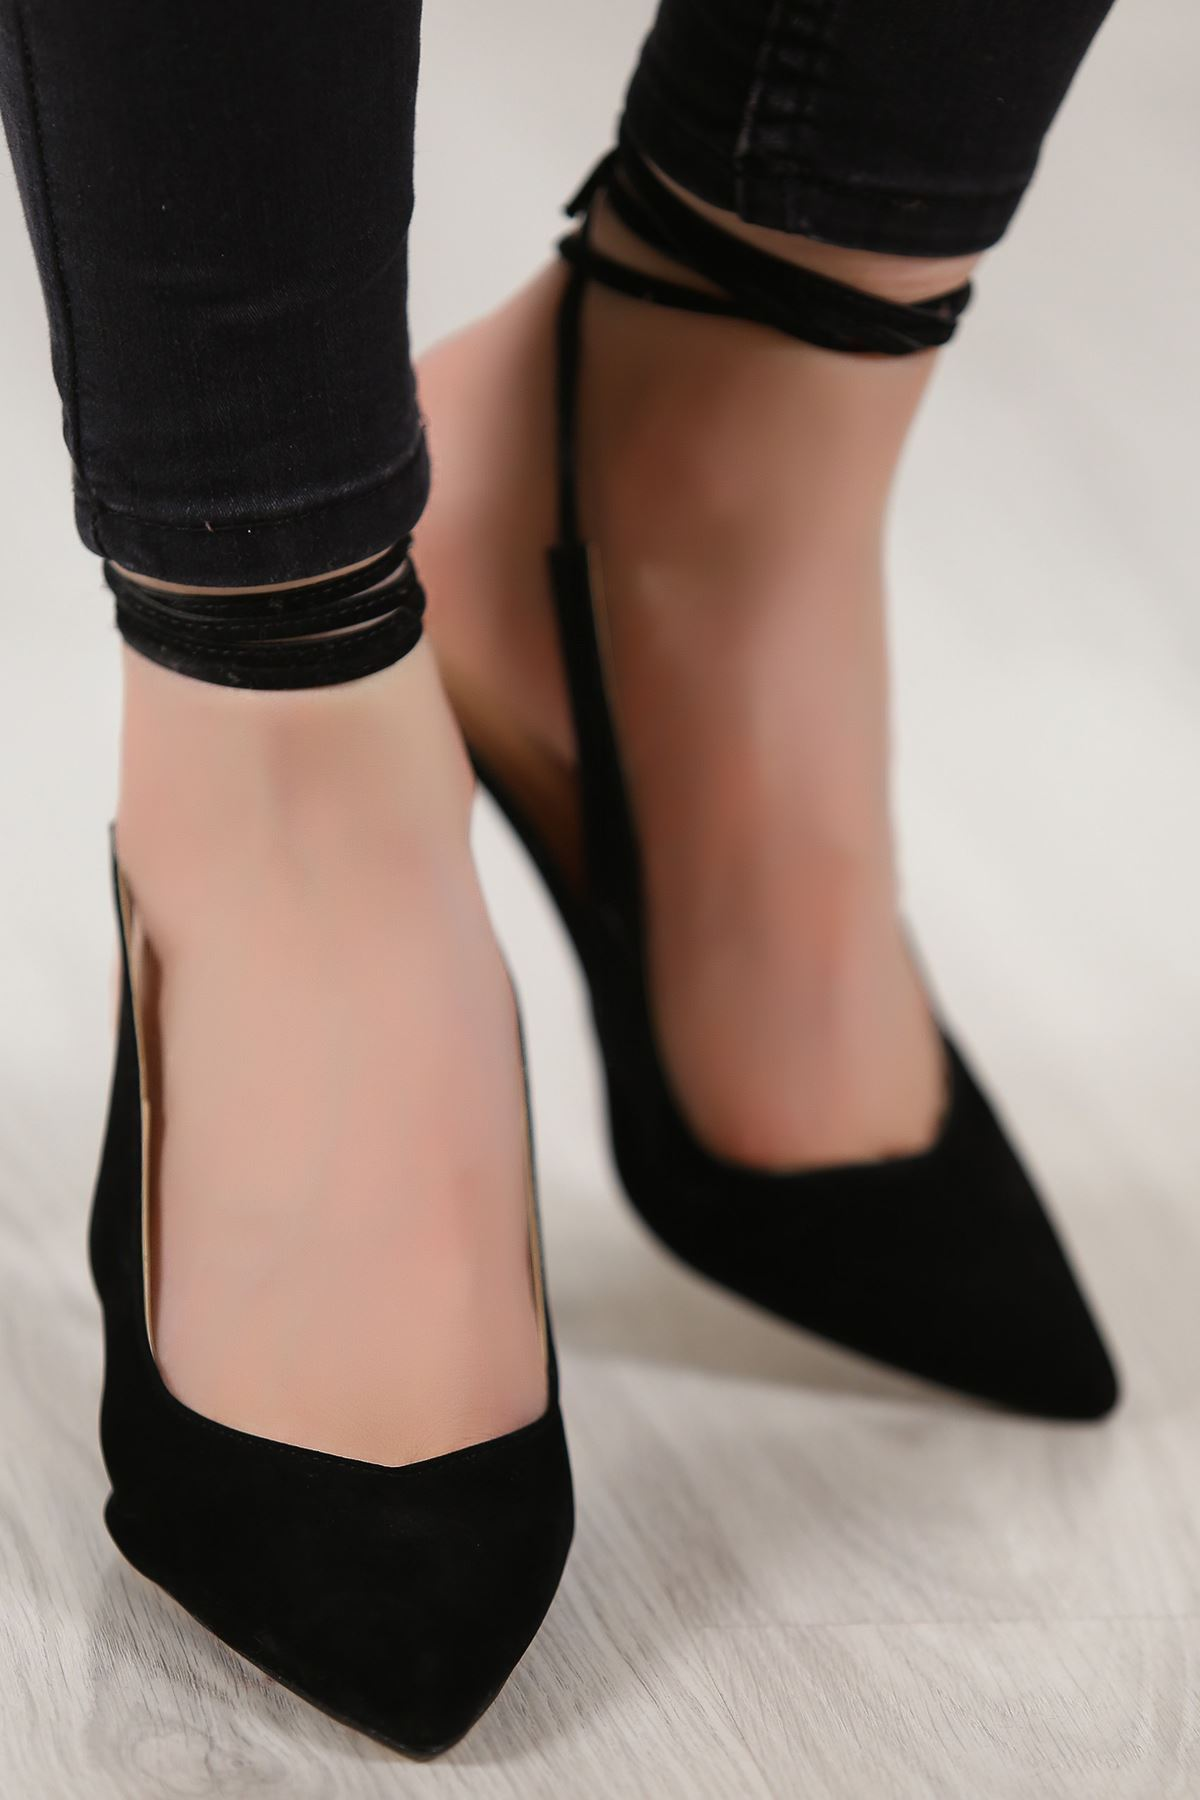 5cm Topuklu Ayakkabı Süetsiyah - 4867.264.